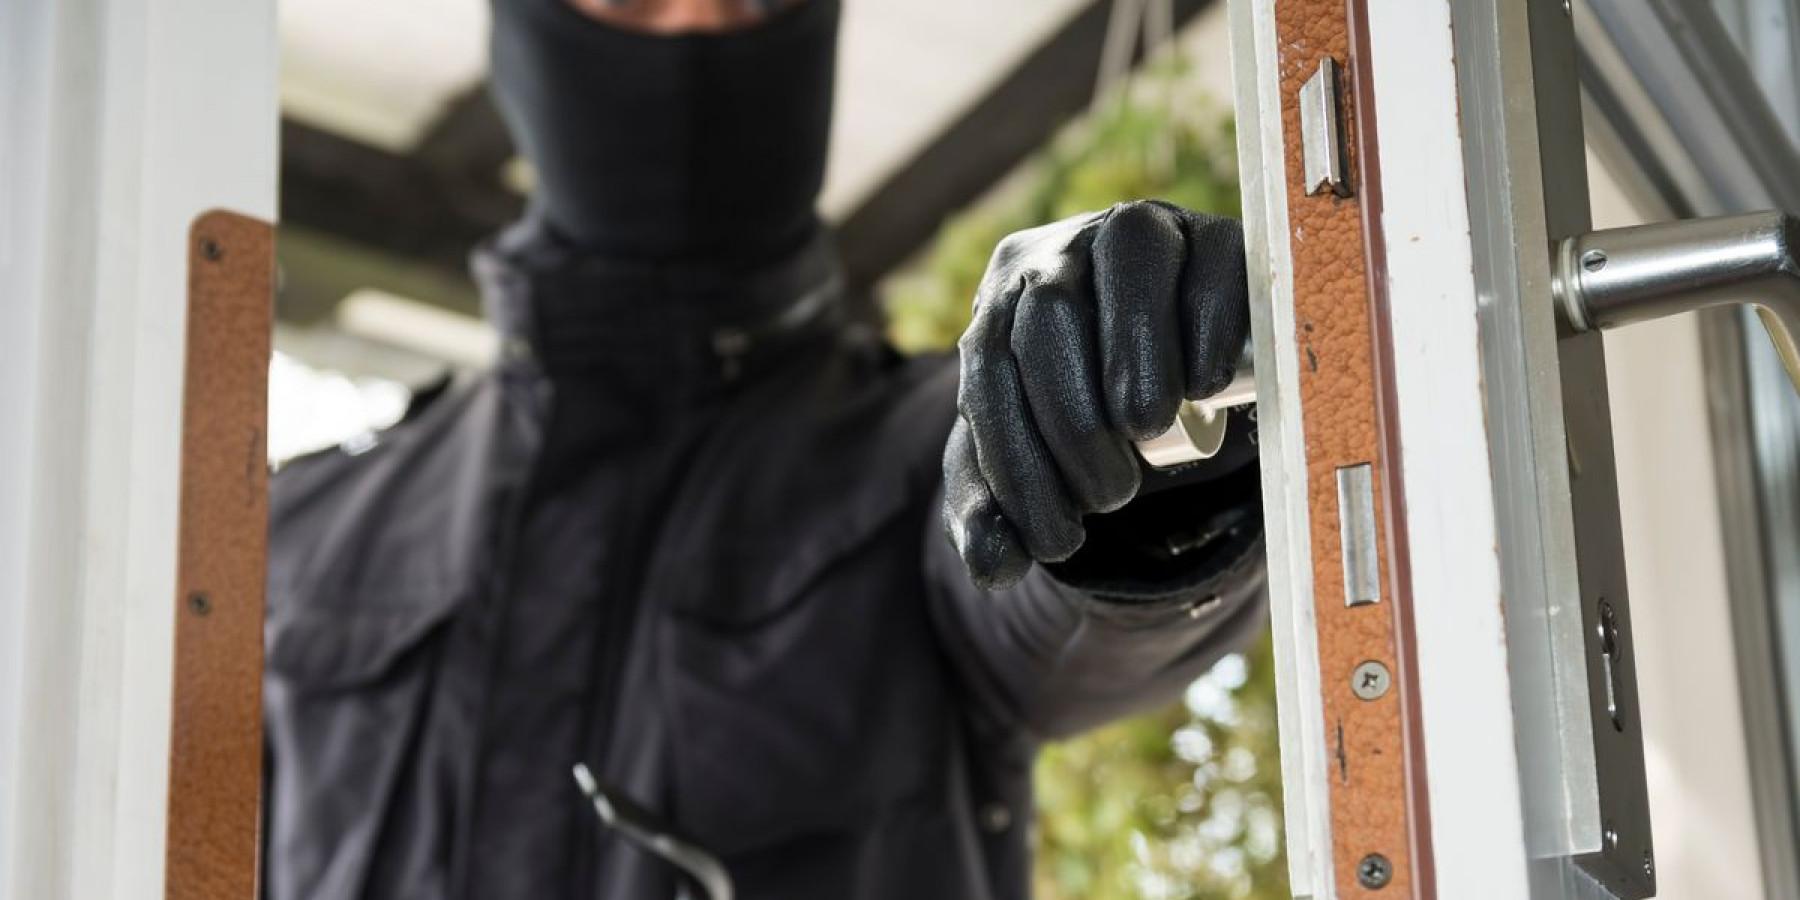 Polizisten nehmen Einbrecher im Bahnhofsumfeld fest